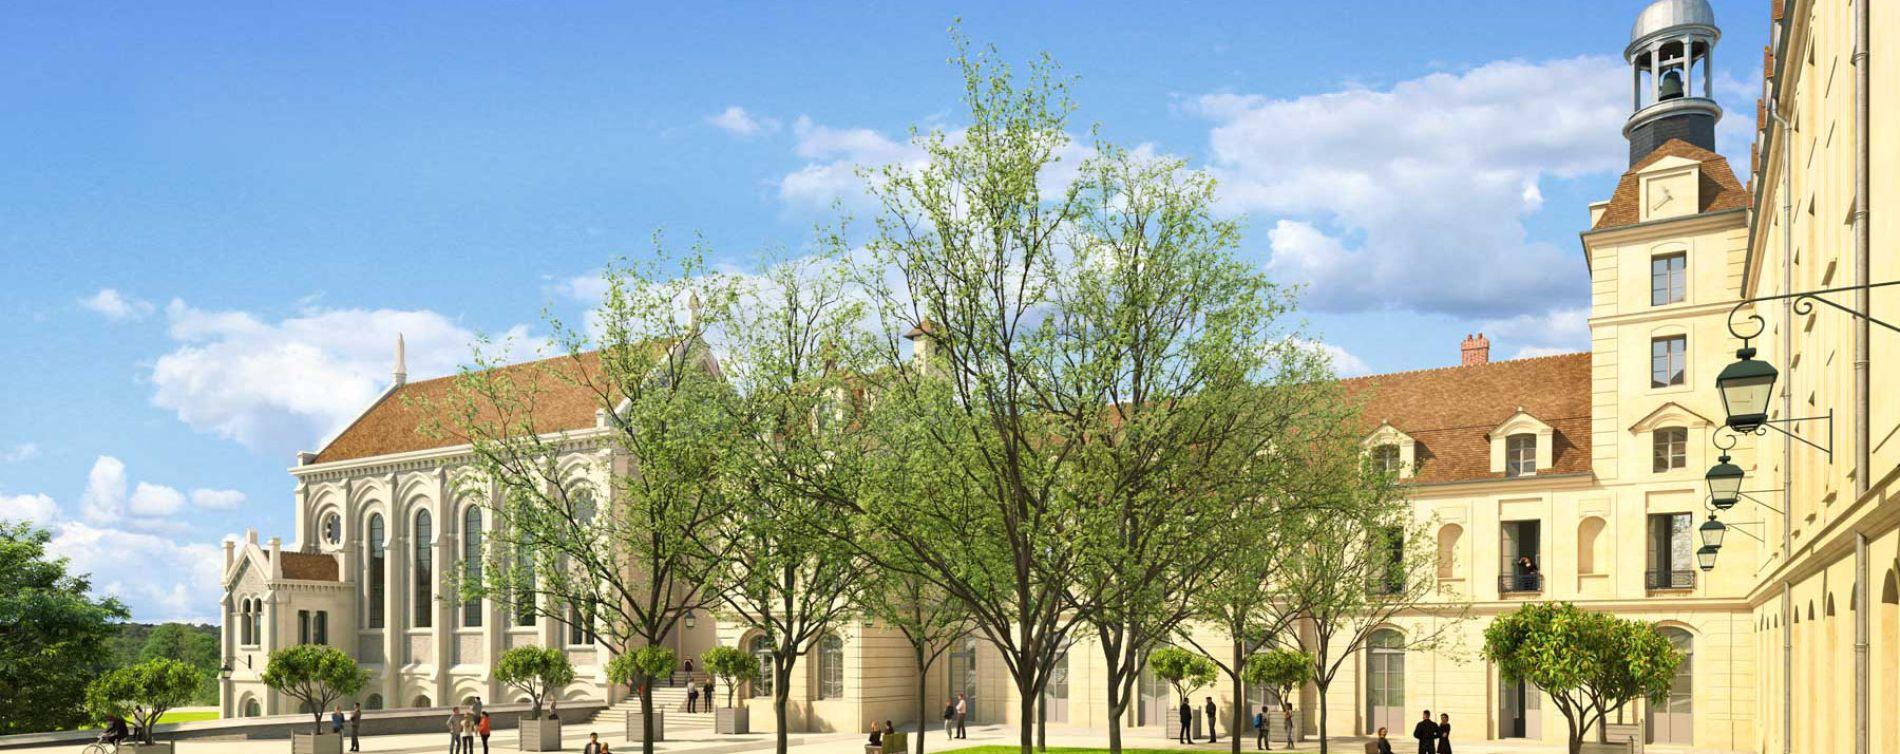 Juilly : programme immobilier à rénover « Pensionnat de Juilly » en Monument Historique (3)